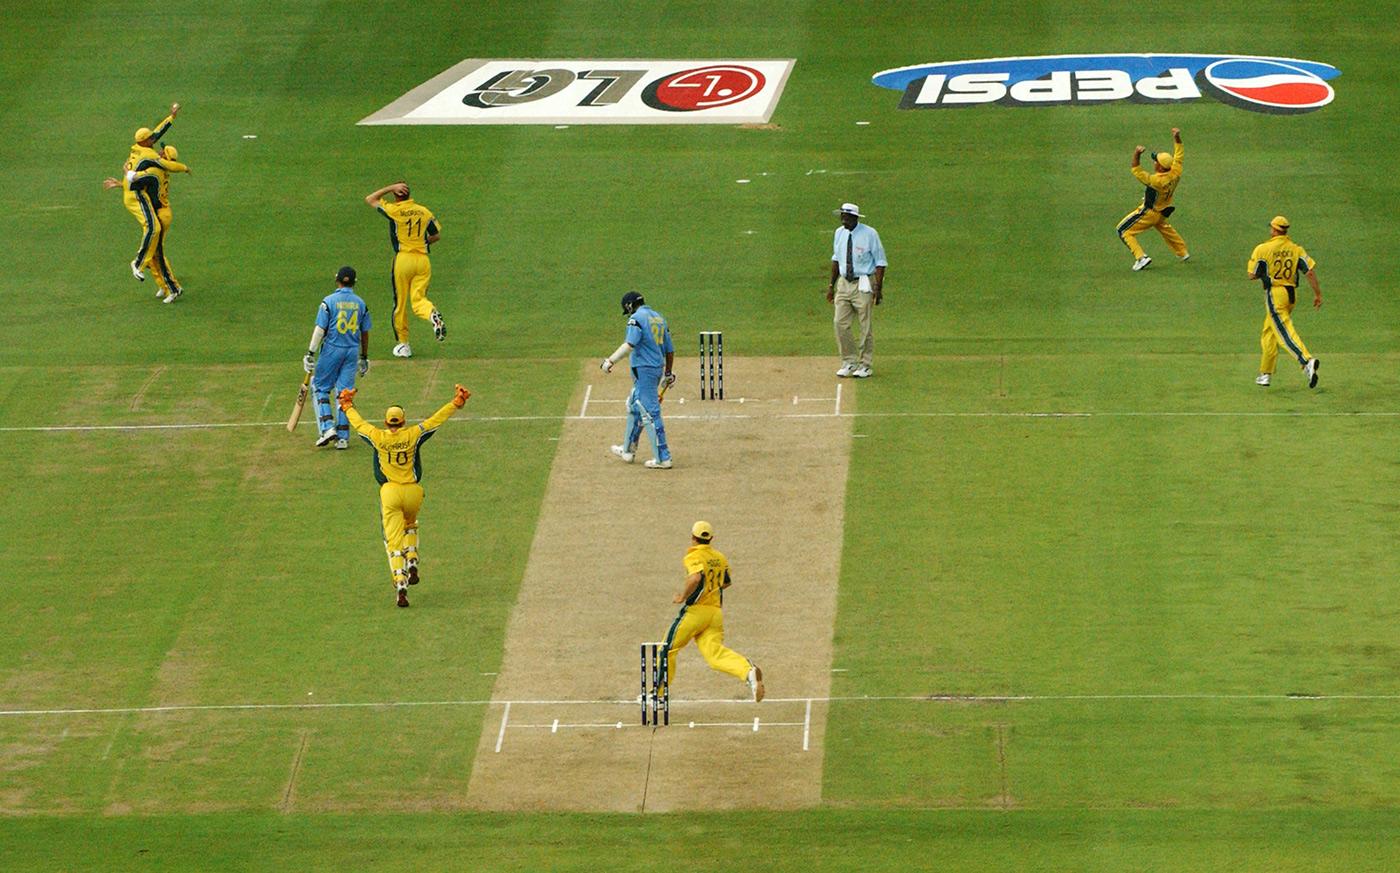 World Cup 2019: के. श्रीकांत ने चुनी अपनी ऑल टाइम विश्व कप एकादश, इन 3 भारतीय खिलाड़ियों को मिली जगह 4